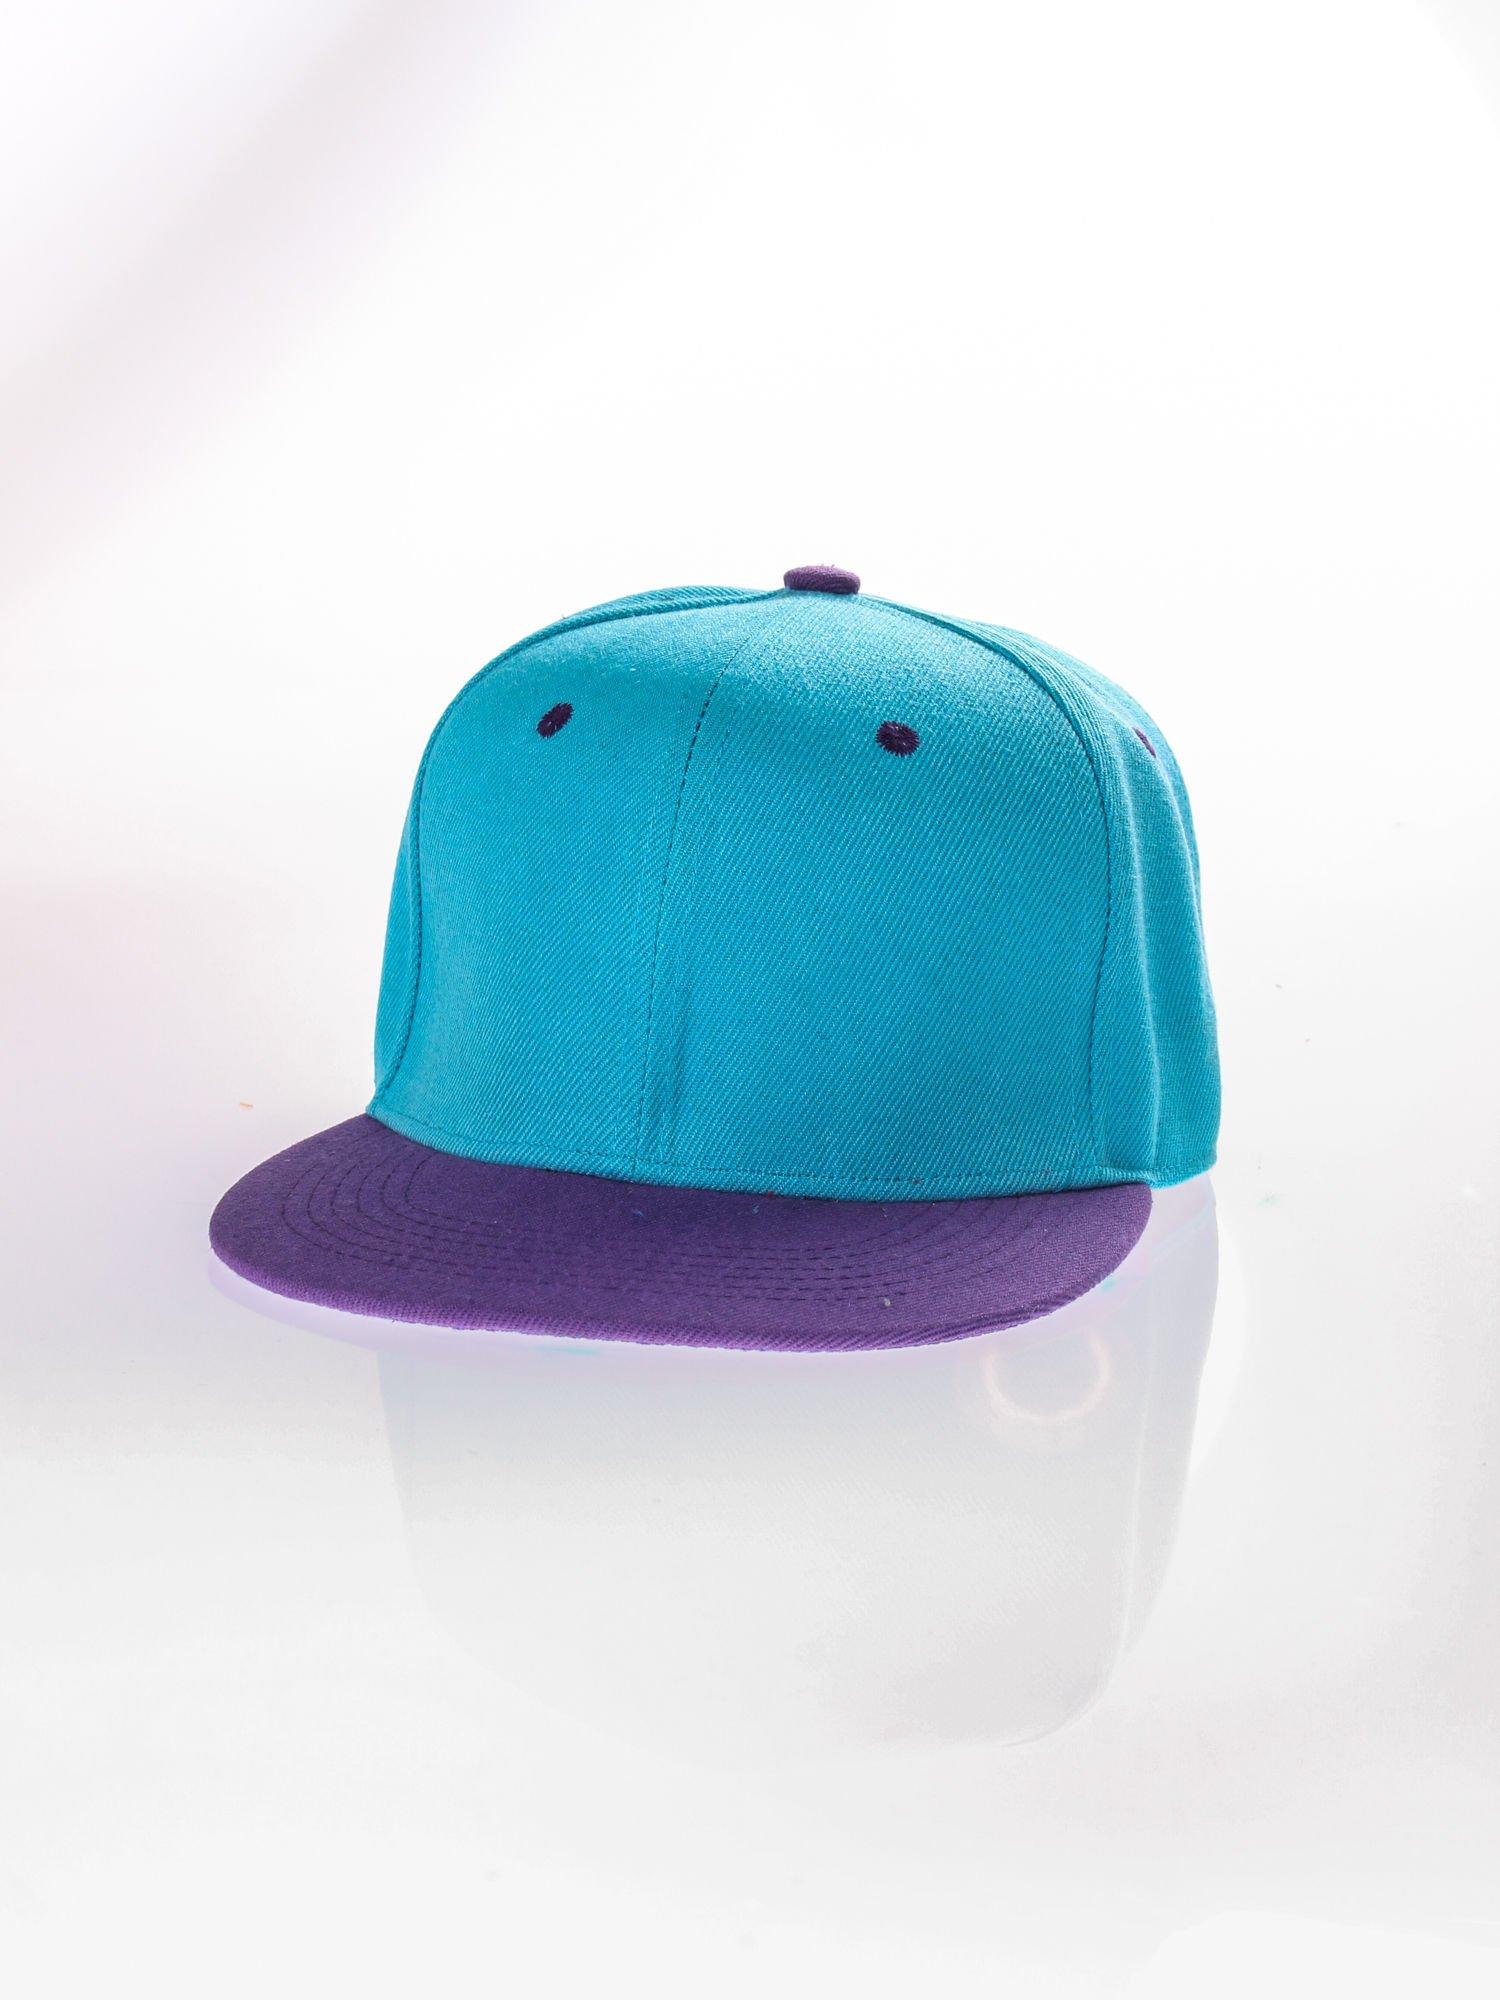 Jasnoniebieska czapka z daszkiem fullcap                                  zdj.                                  2